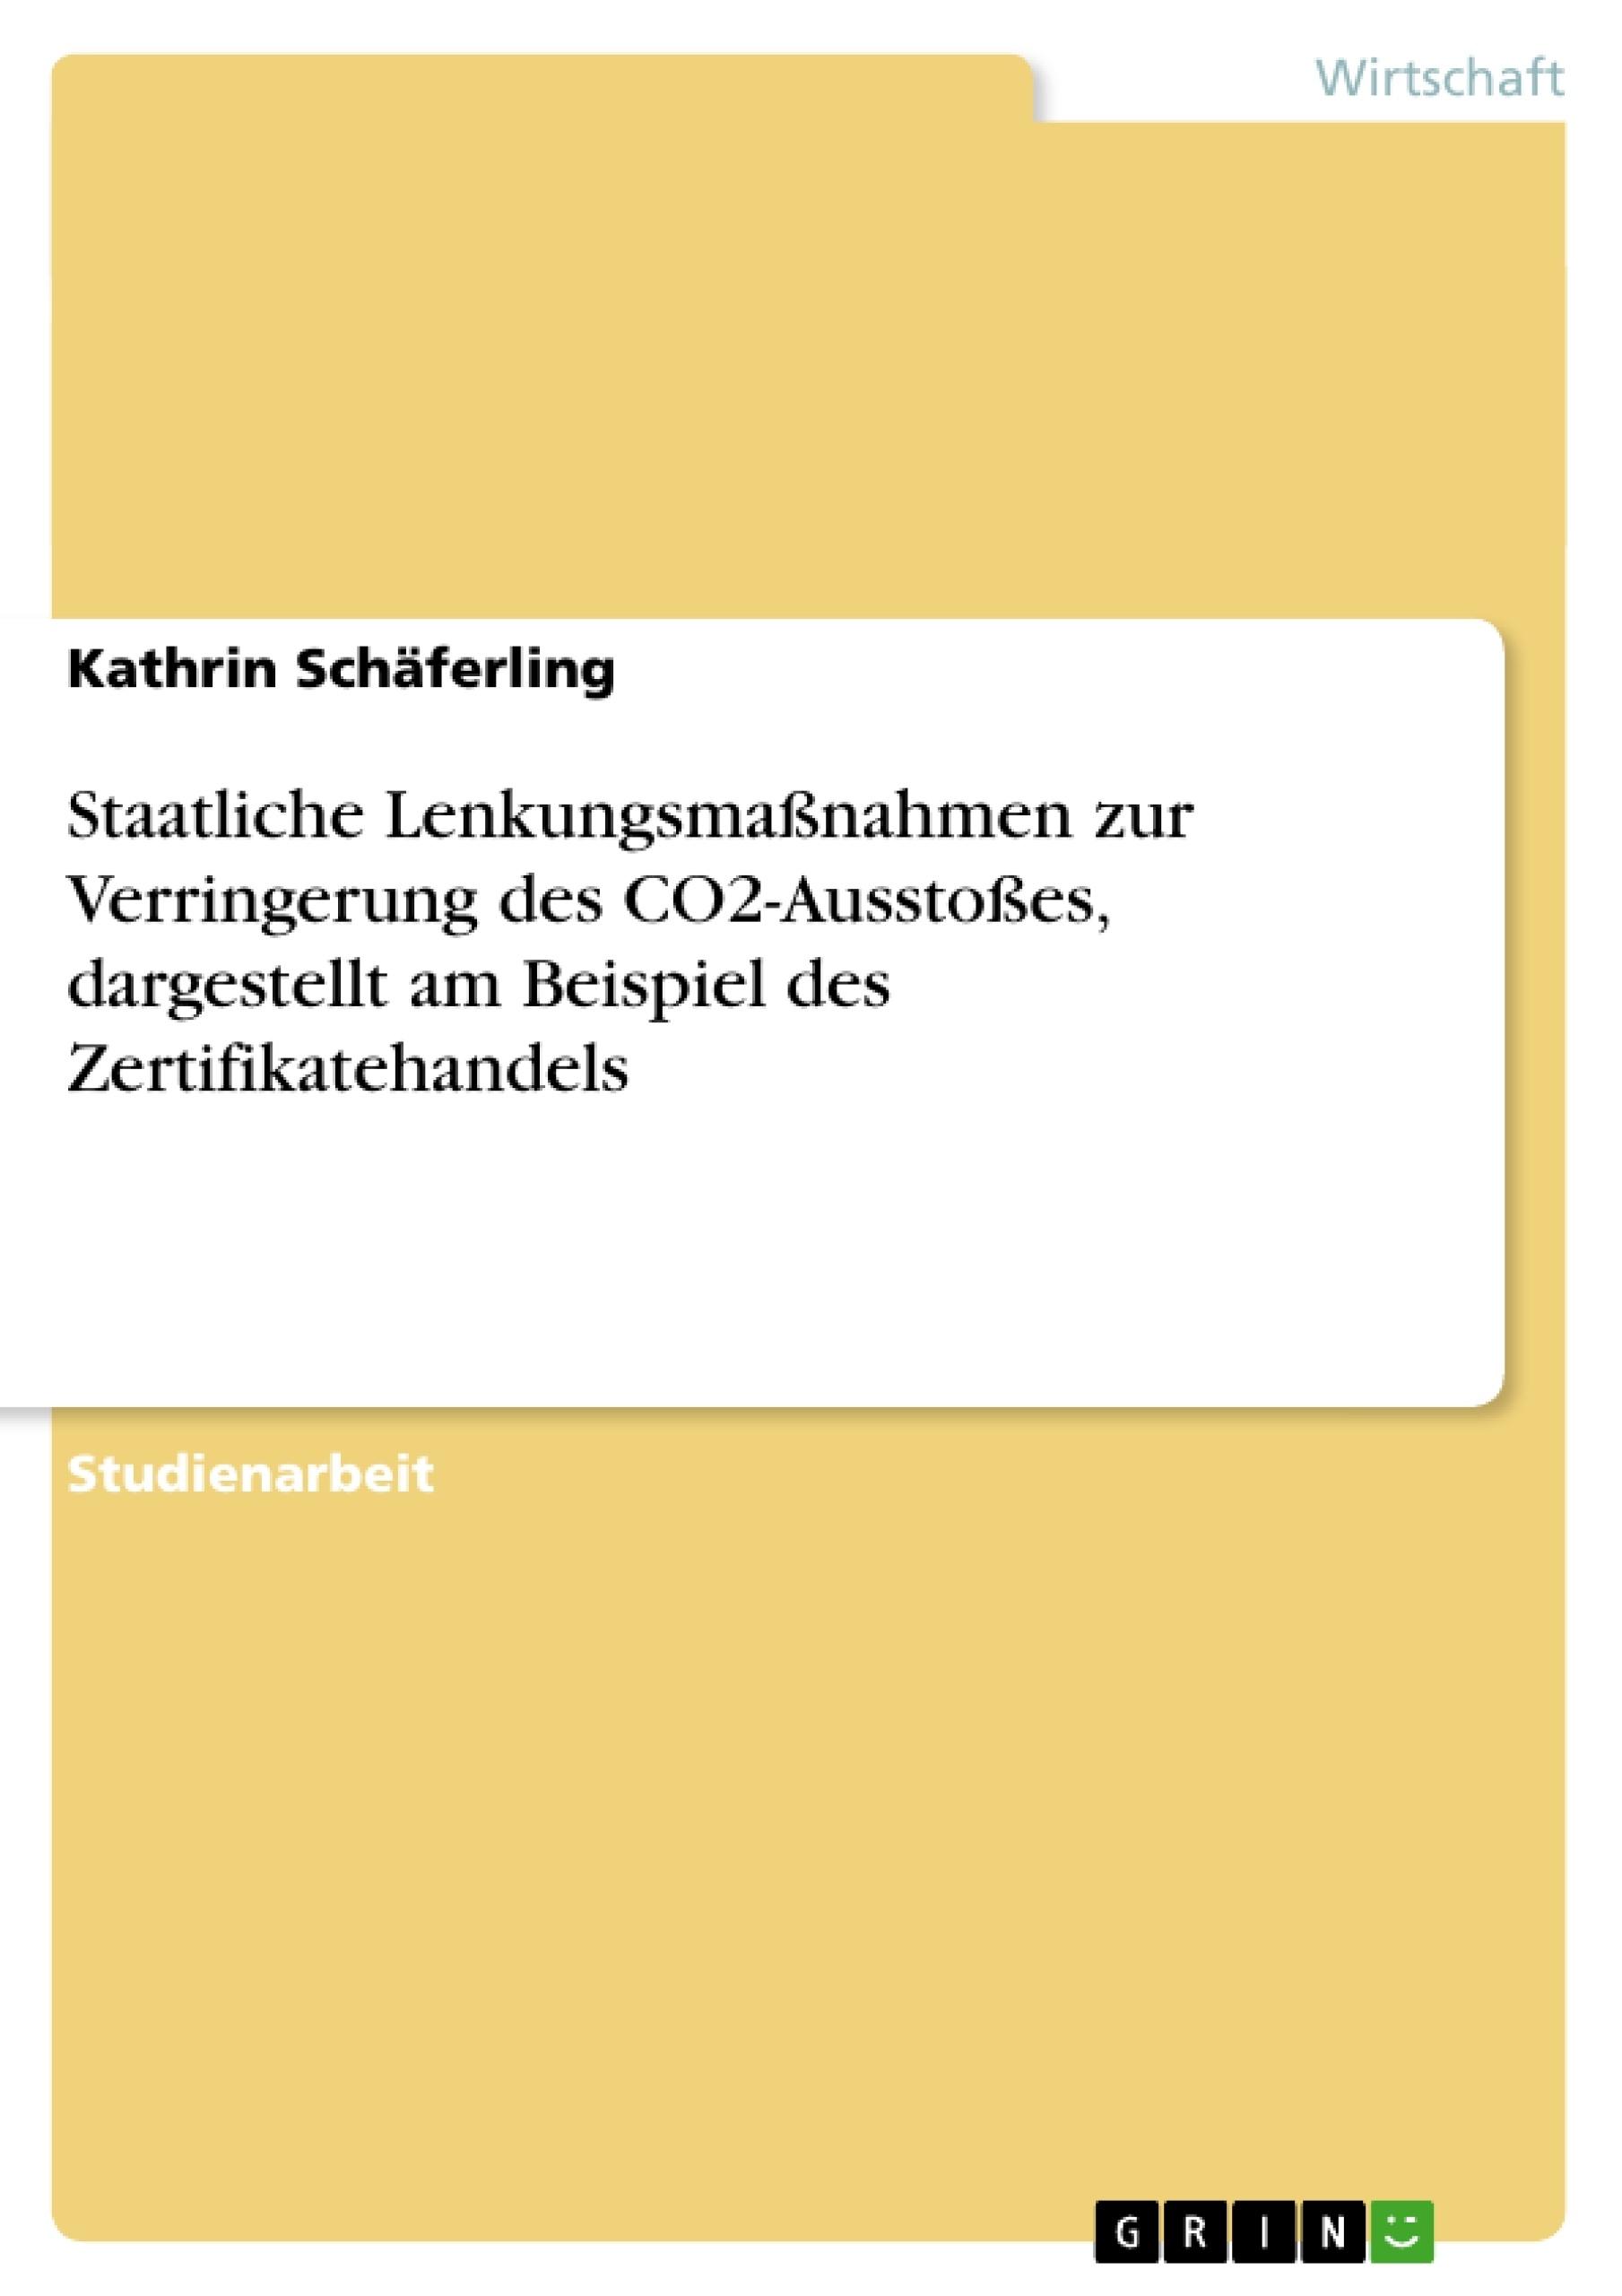 Titel: Staatliche Lenkungsmaßnahmen zur Verringerung des CO2-Ausstoßes, dargestellt am Beispiel des Zertifikatehandels